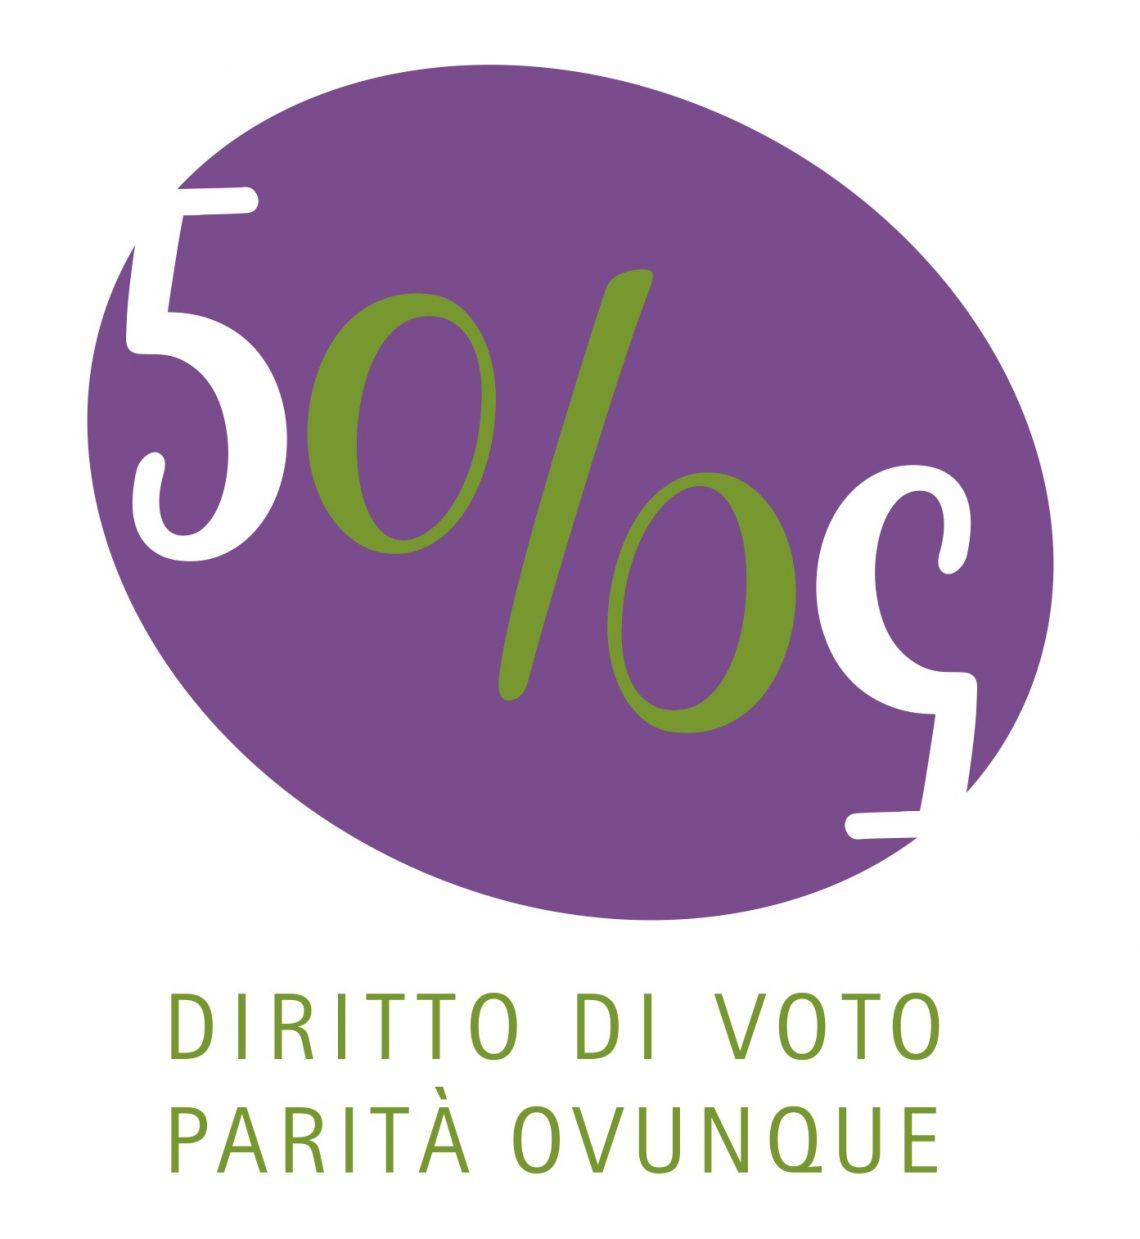 Pioniere: 50 anni del diritto di voto alle donne in Ticino